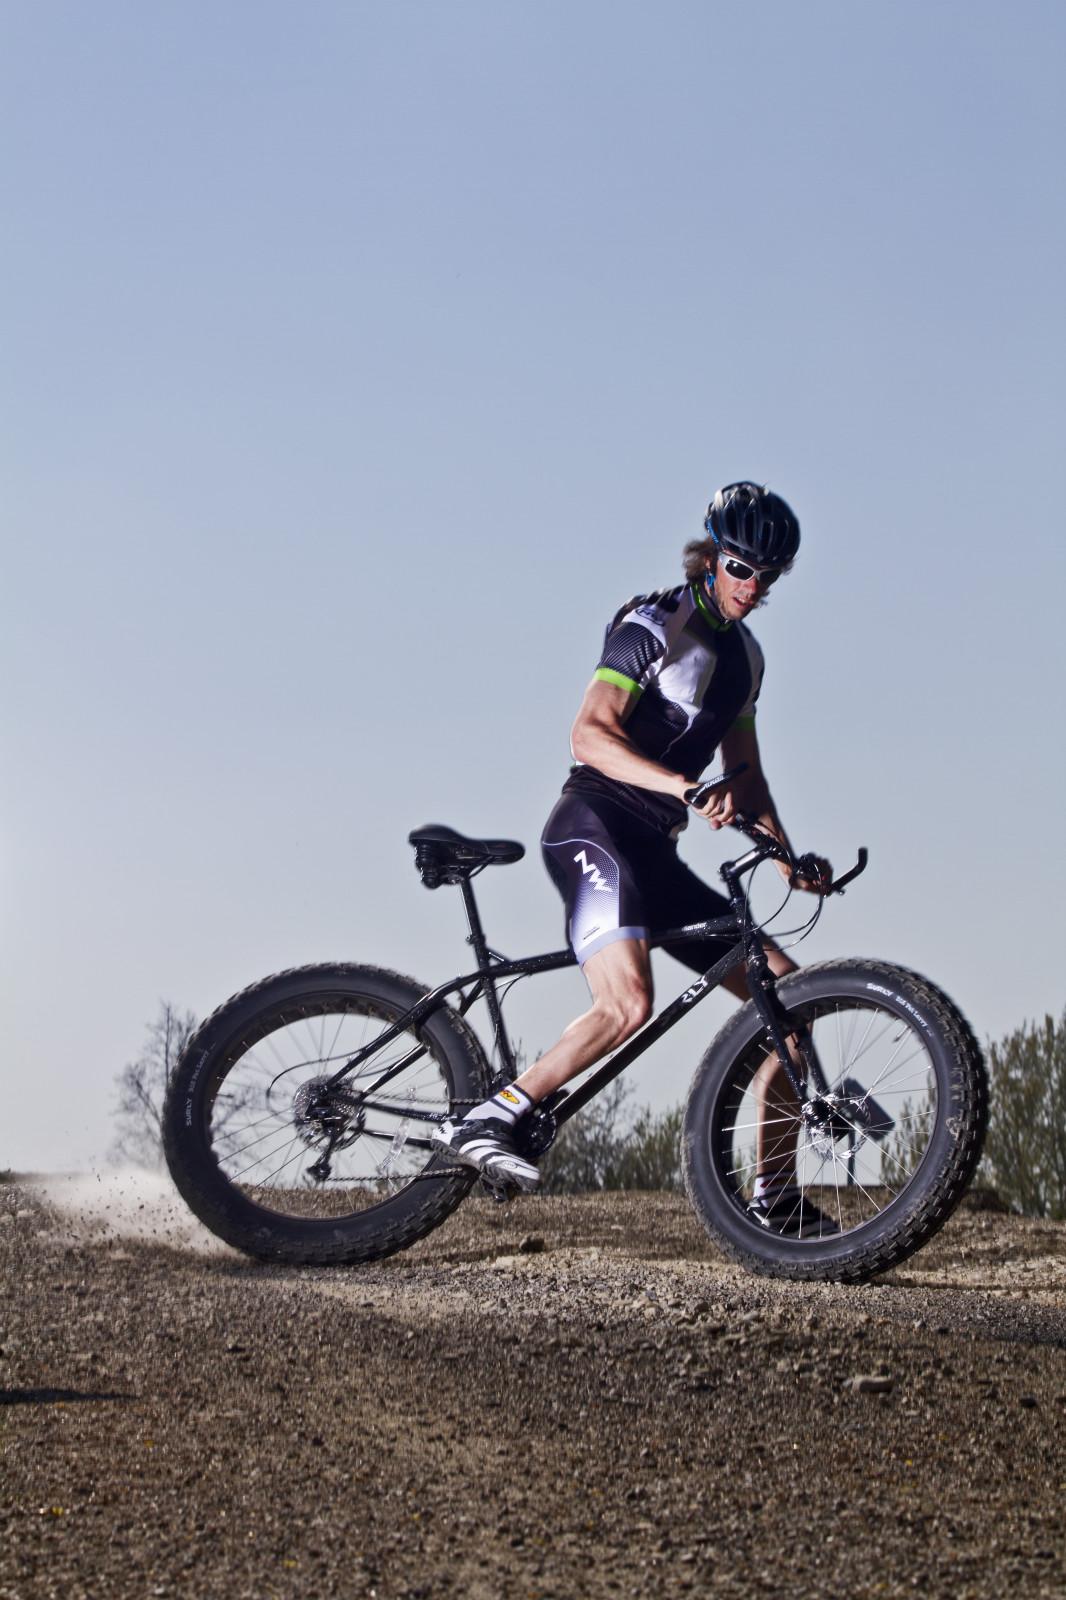 Auf Schotter zeigt das Bike seine Stärken.